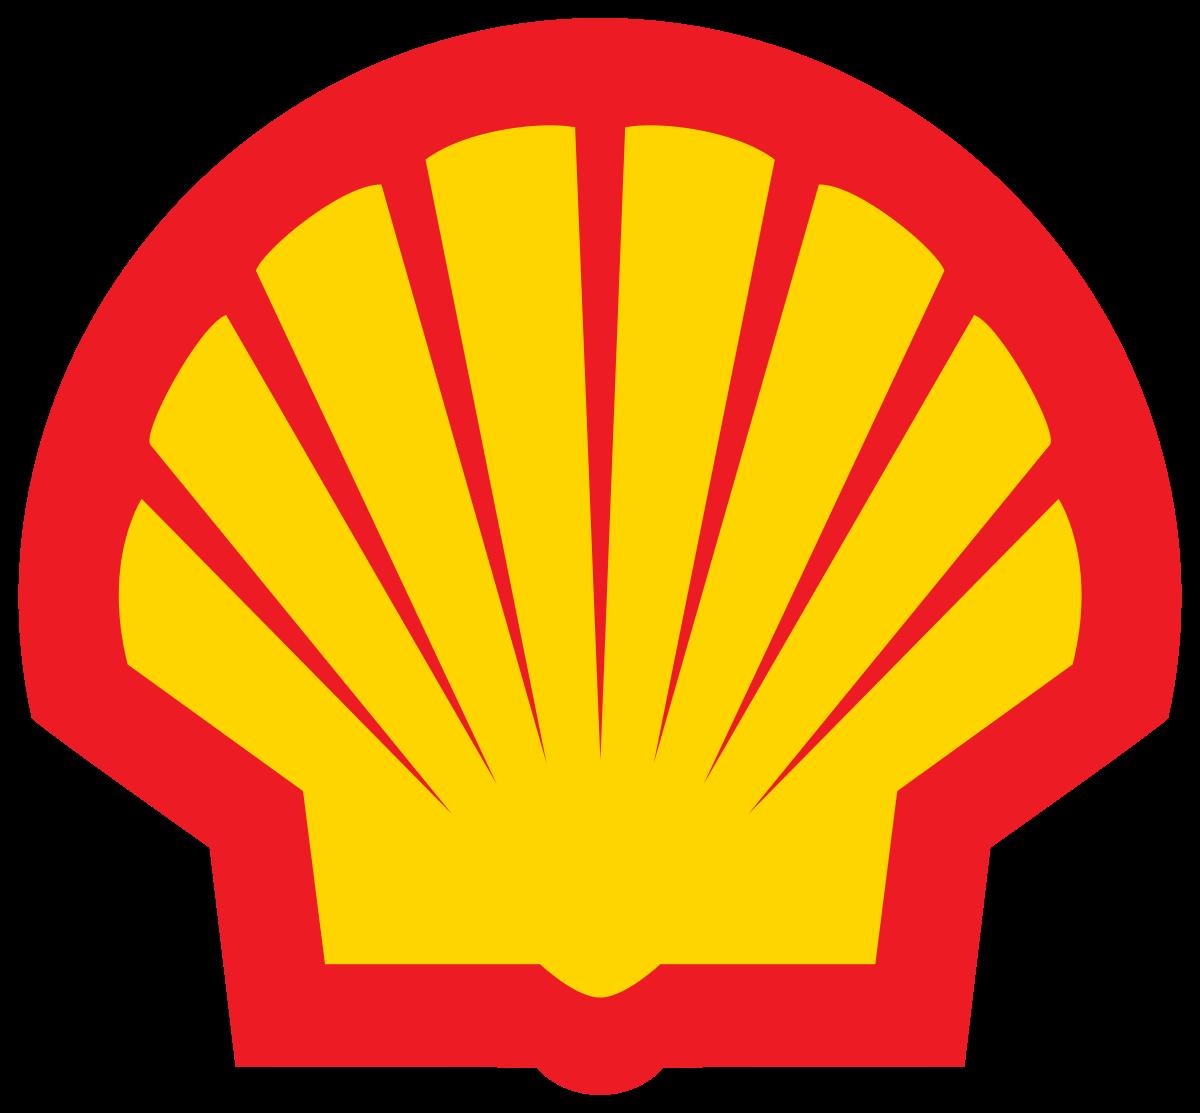 Action Shell : tout savoir avant de l'acheter